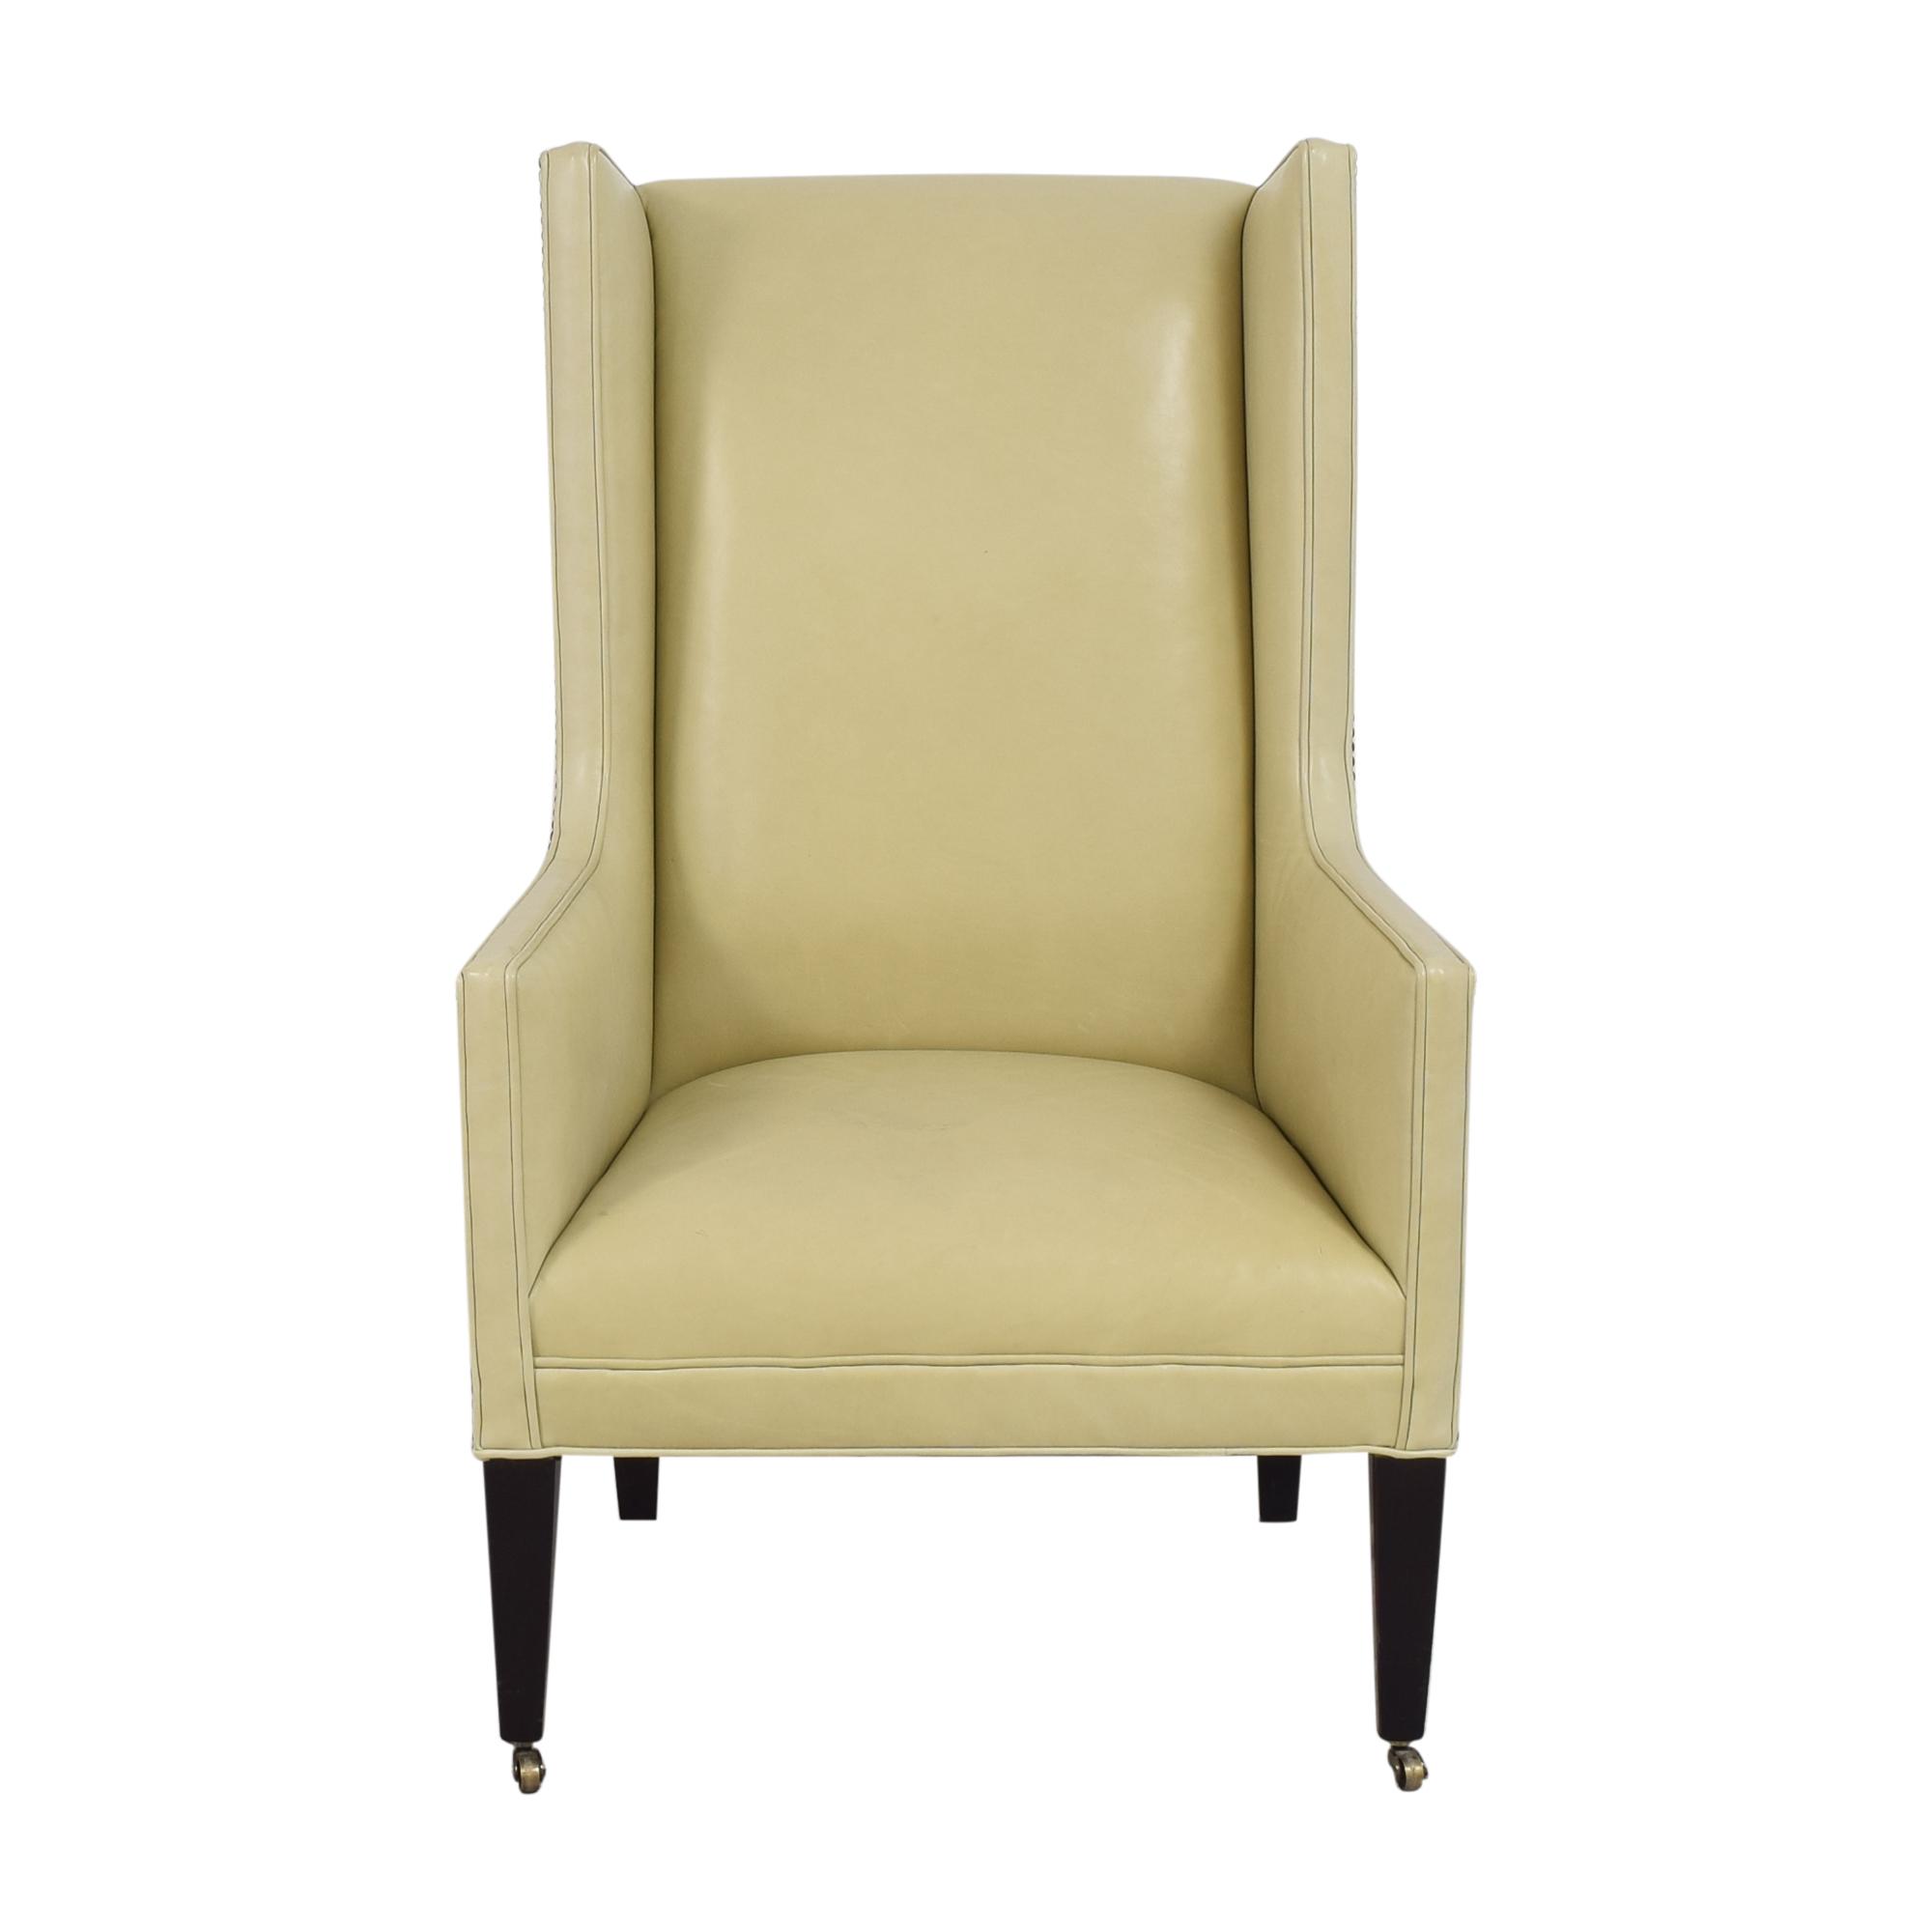 shop Crate & Barrel Wingback Chair Crate & Barrel